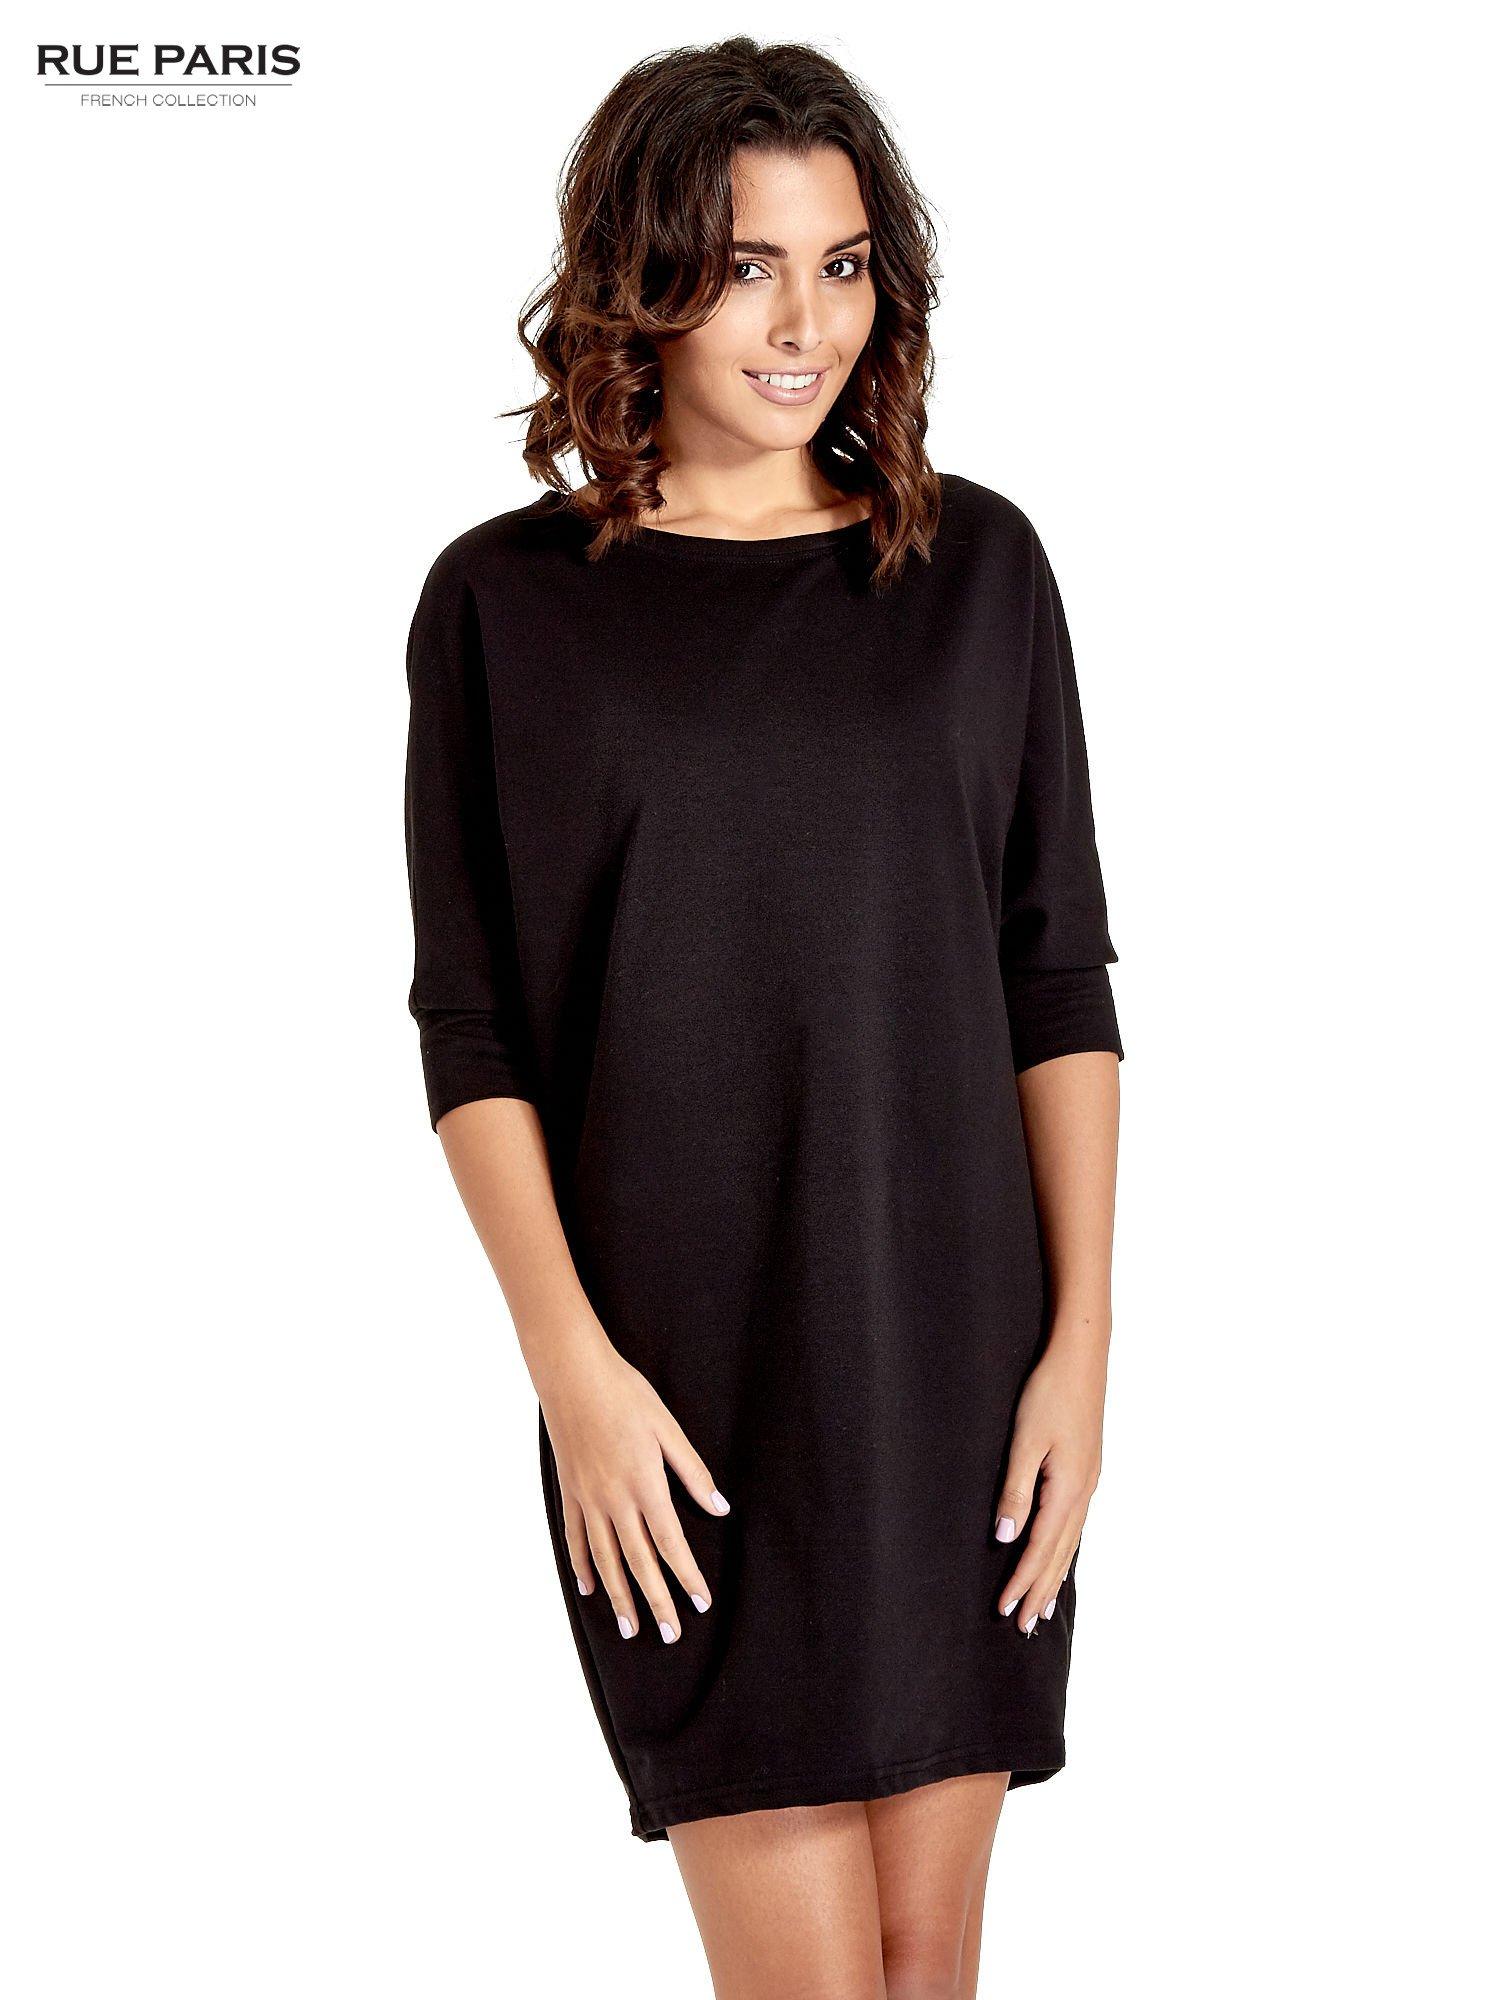 Czarna sukienka z rękawem przed łokieć                                  zdj.                                  1